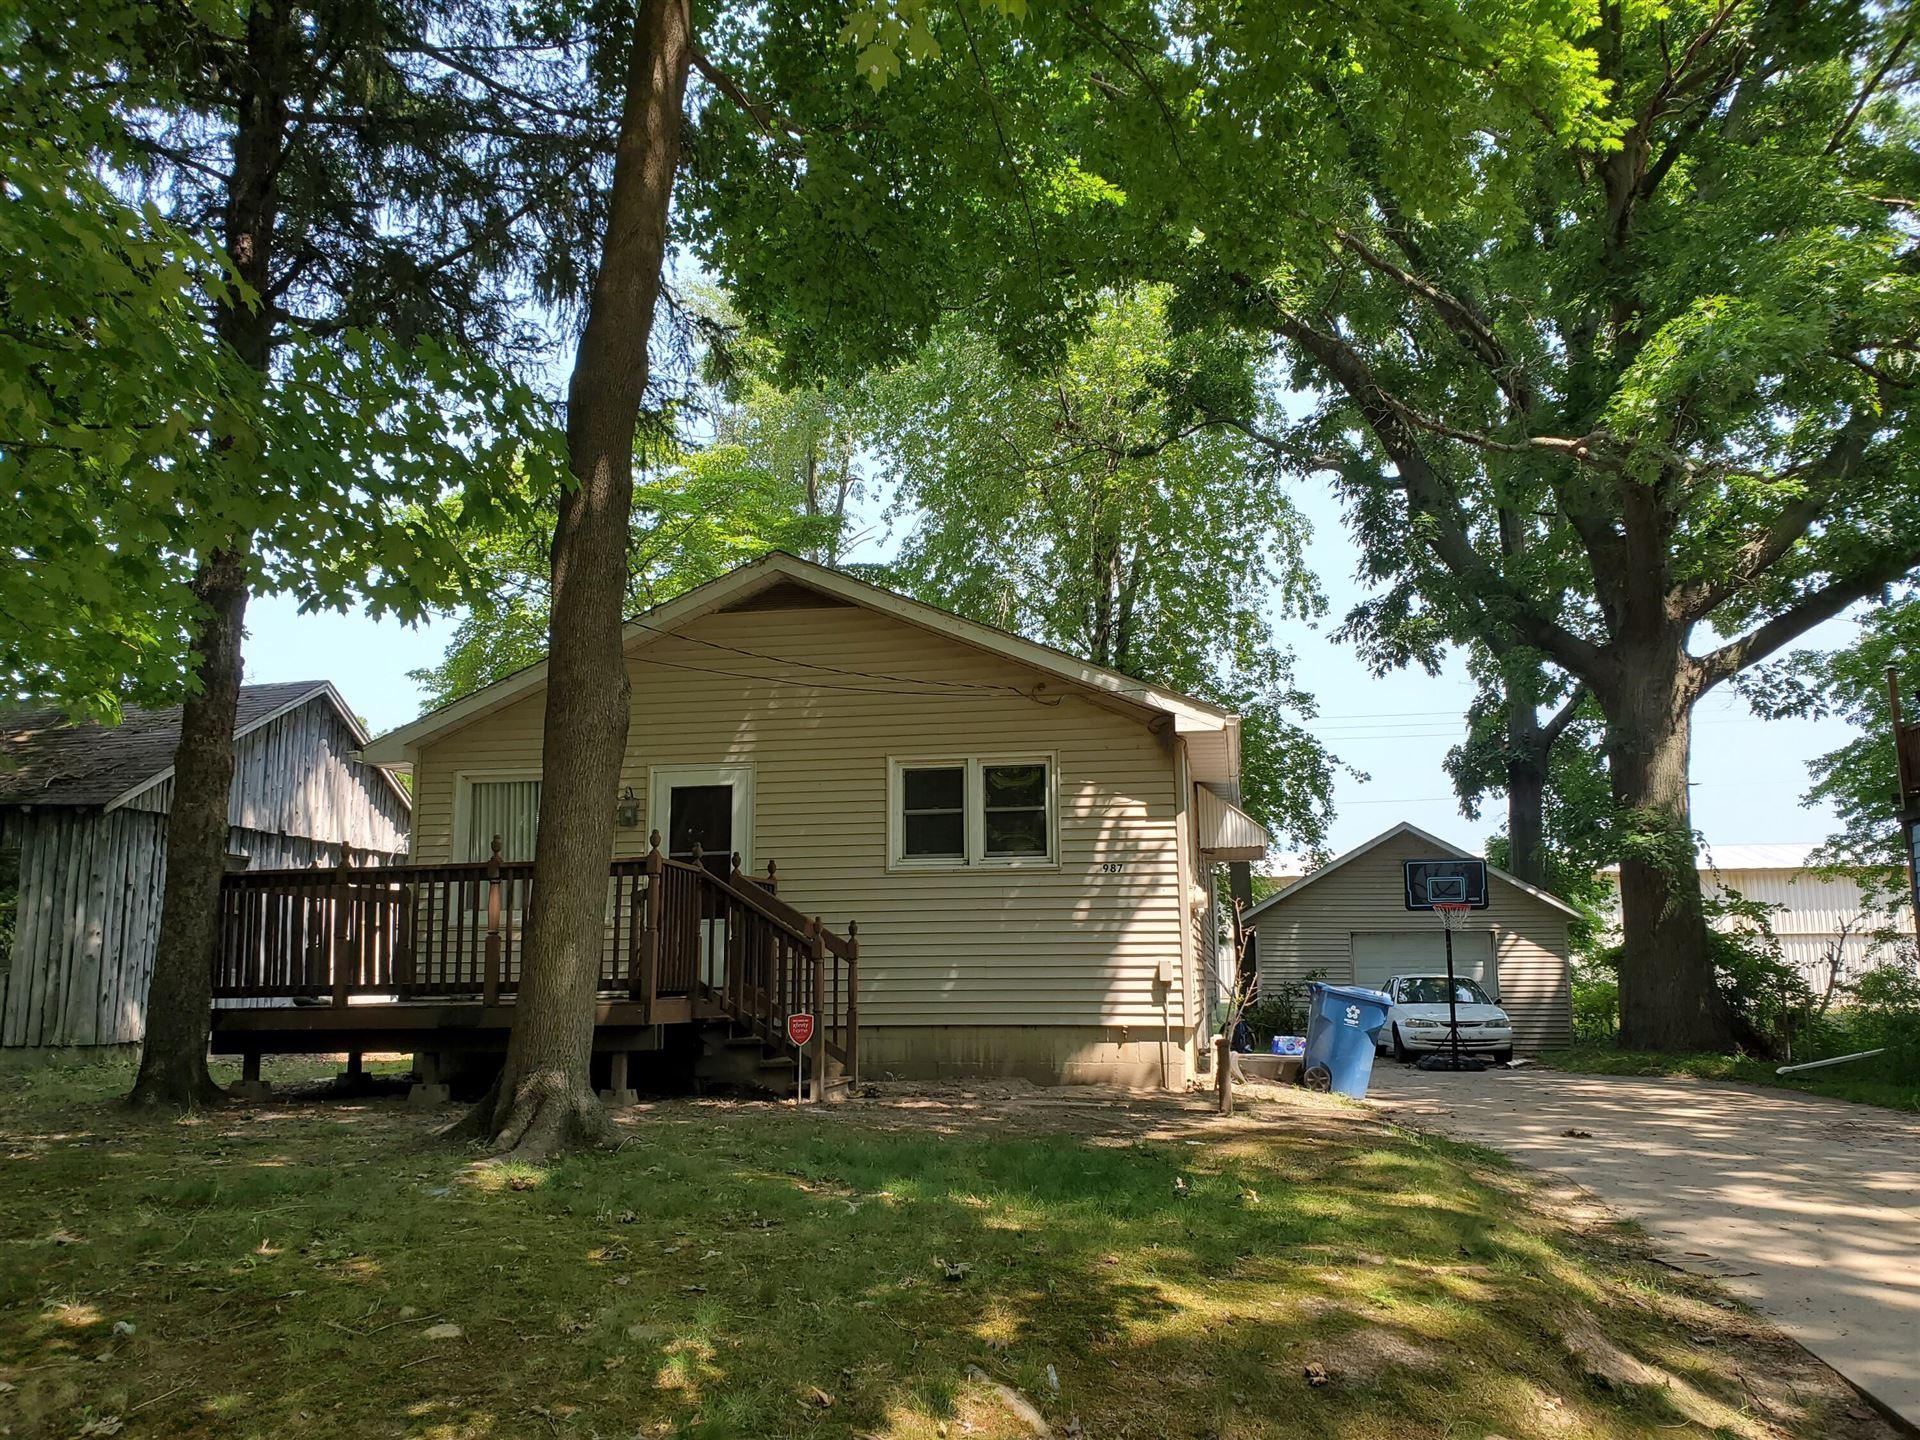 987 Ramona Avenue, Benton Harbor, MI 49022 - MLS#: 21064978